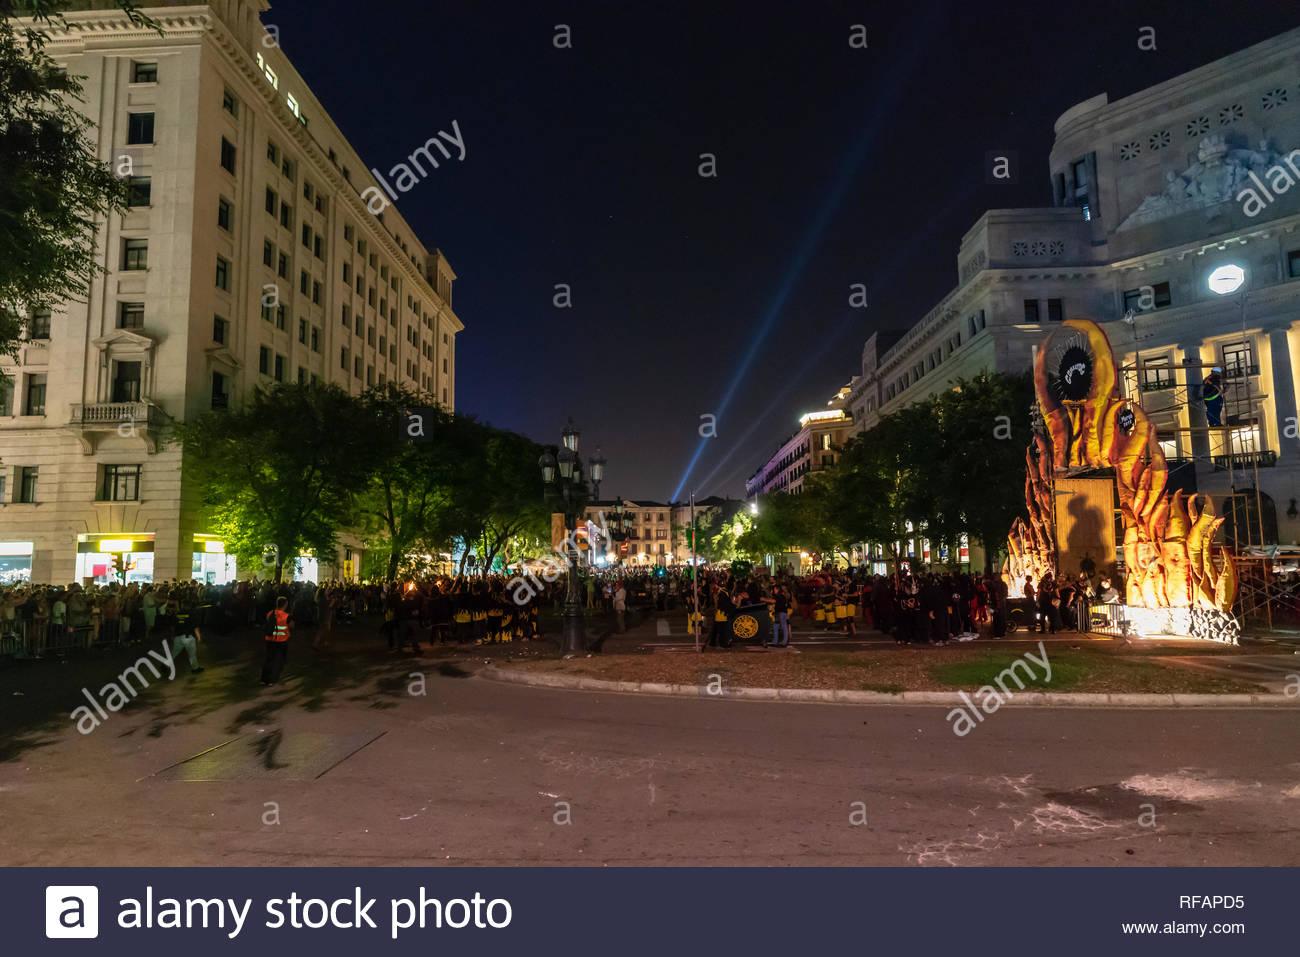 Punto di partenza per la merce Correfoc festival in Bracelona, Spagna, 2018 Immagini Stock